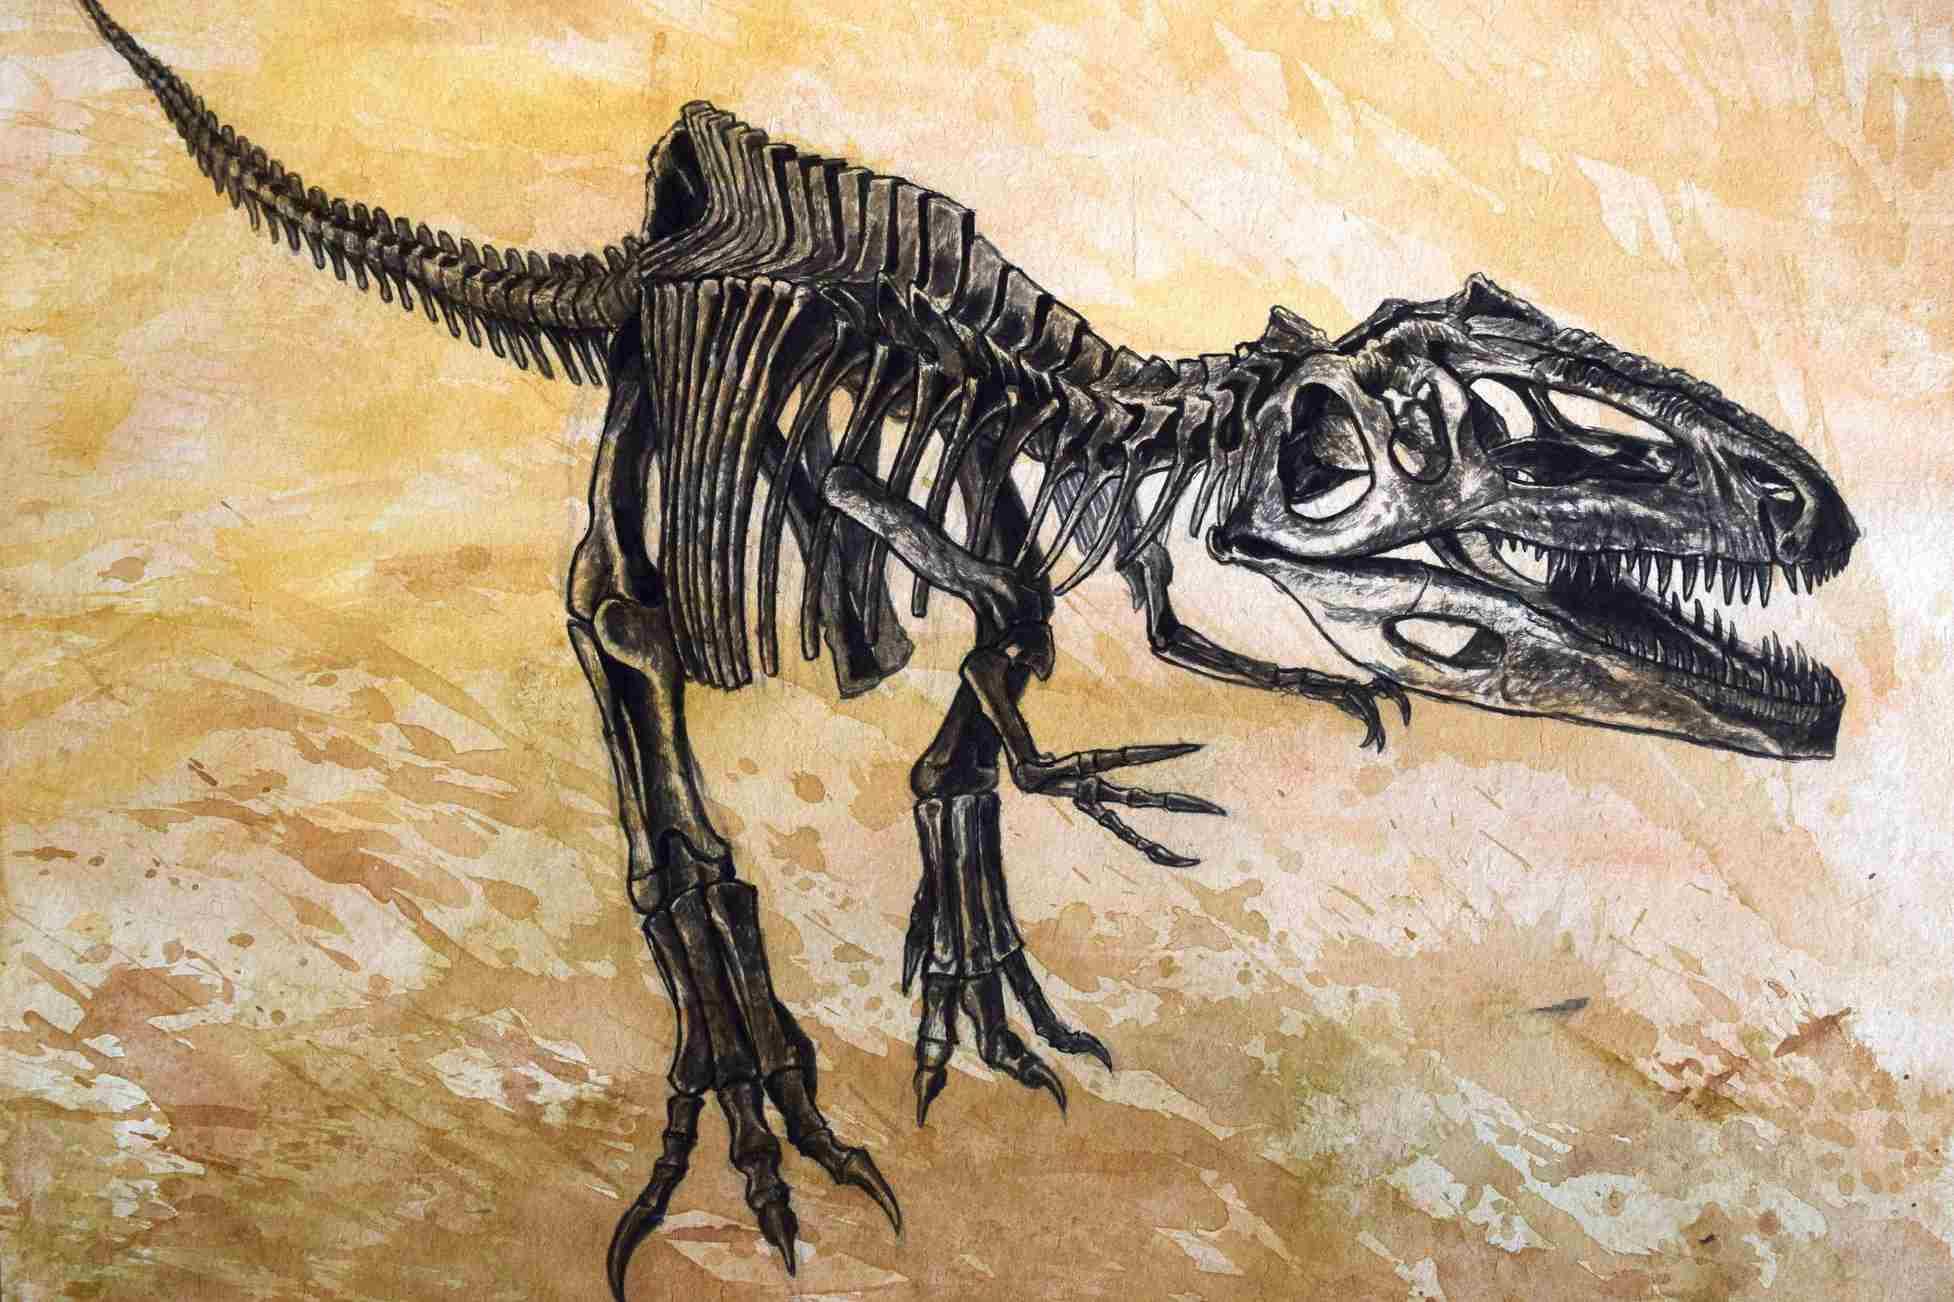 Giganotosaurus dinosaur skeleton on textured background